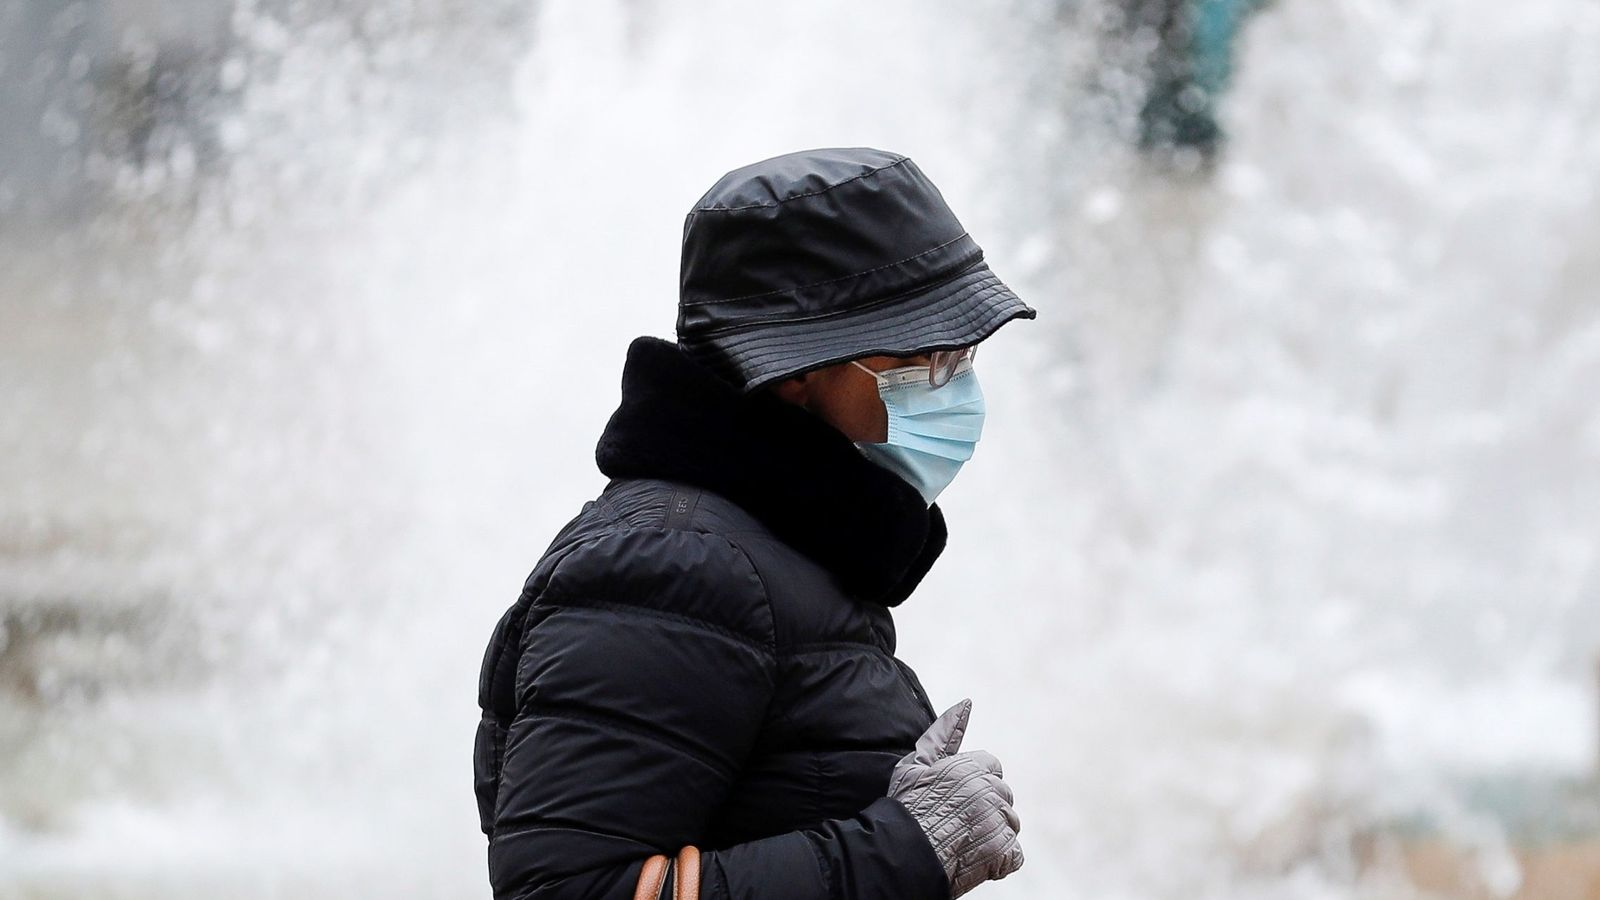 El frío agudiza la pandemia, y no solo por hacernos pasar más tiempo en interiores